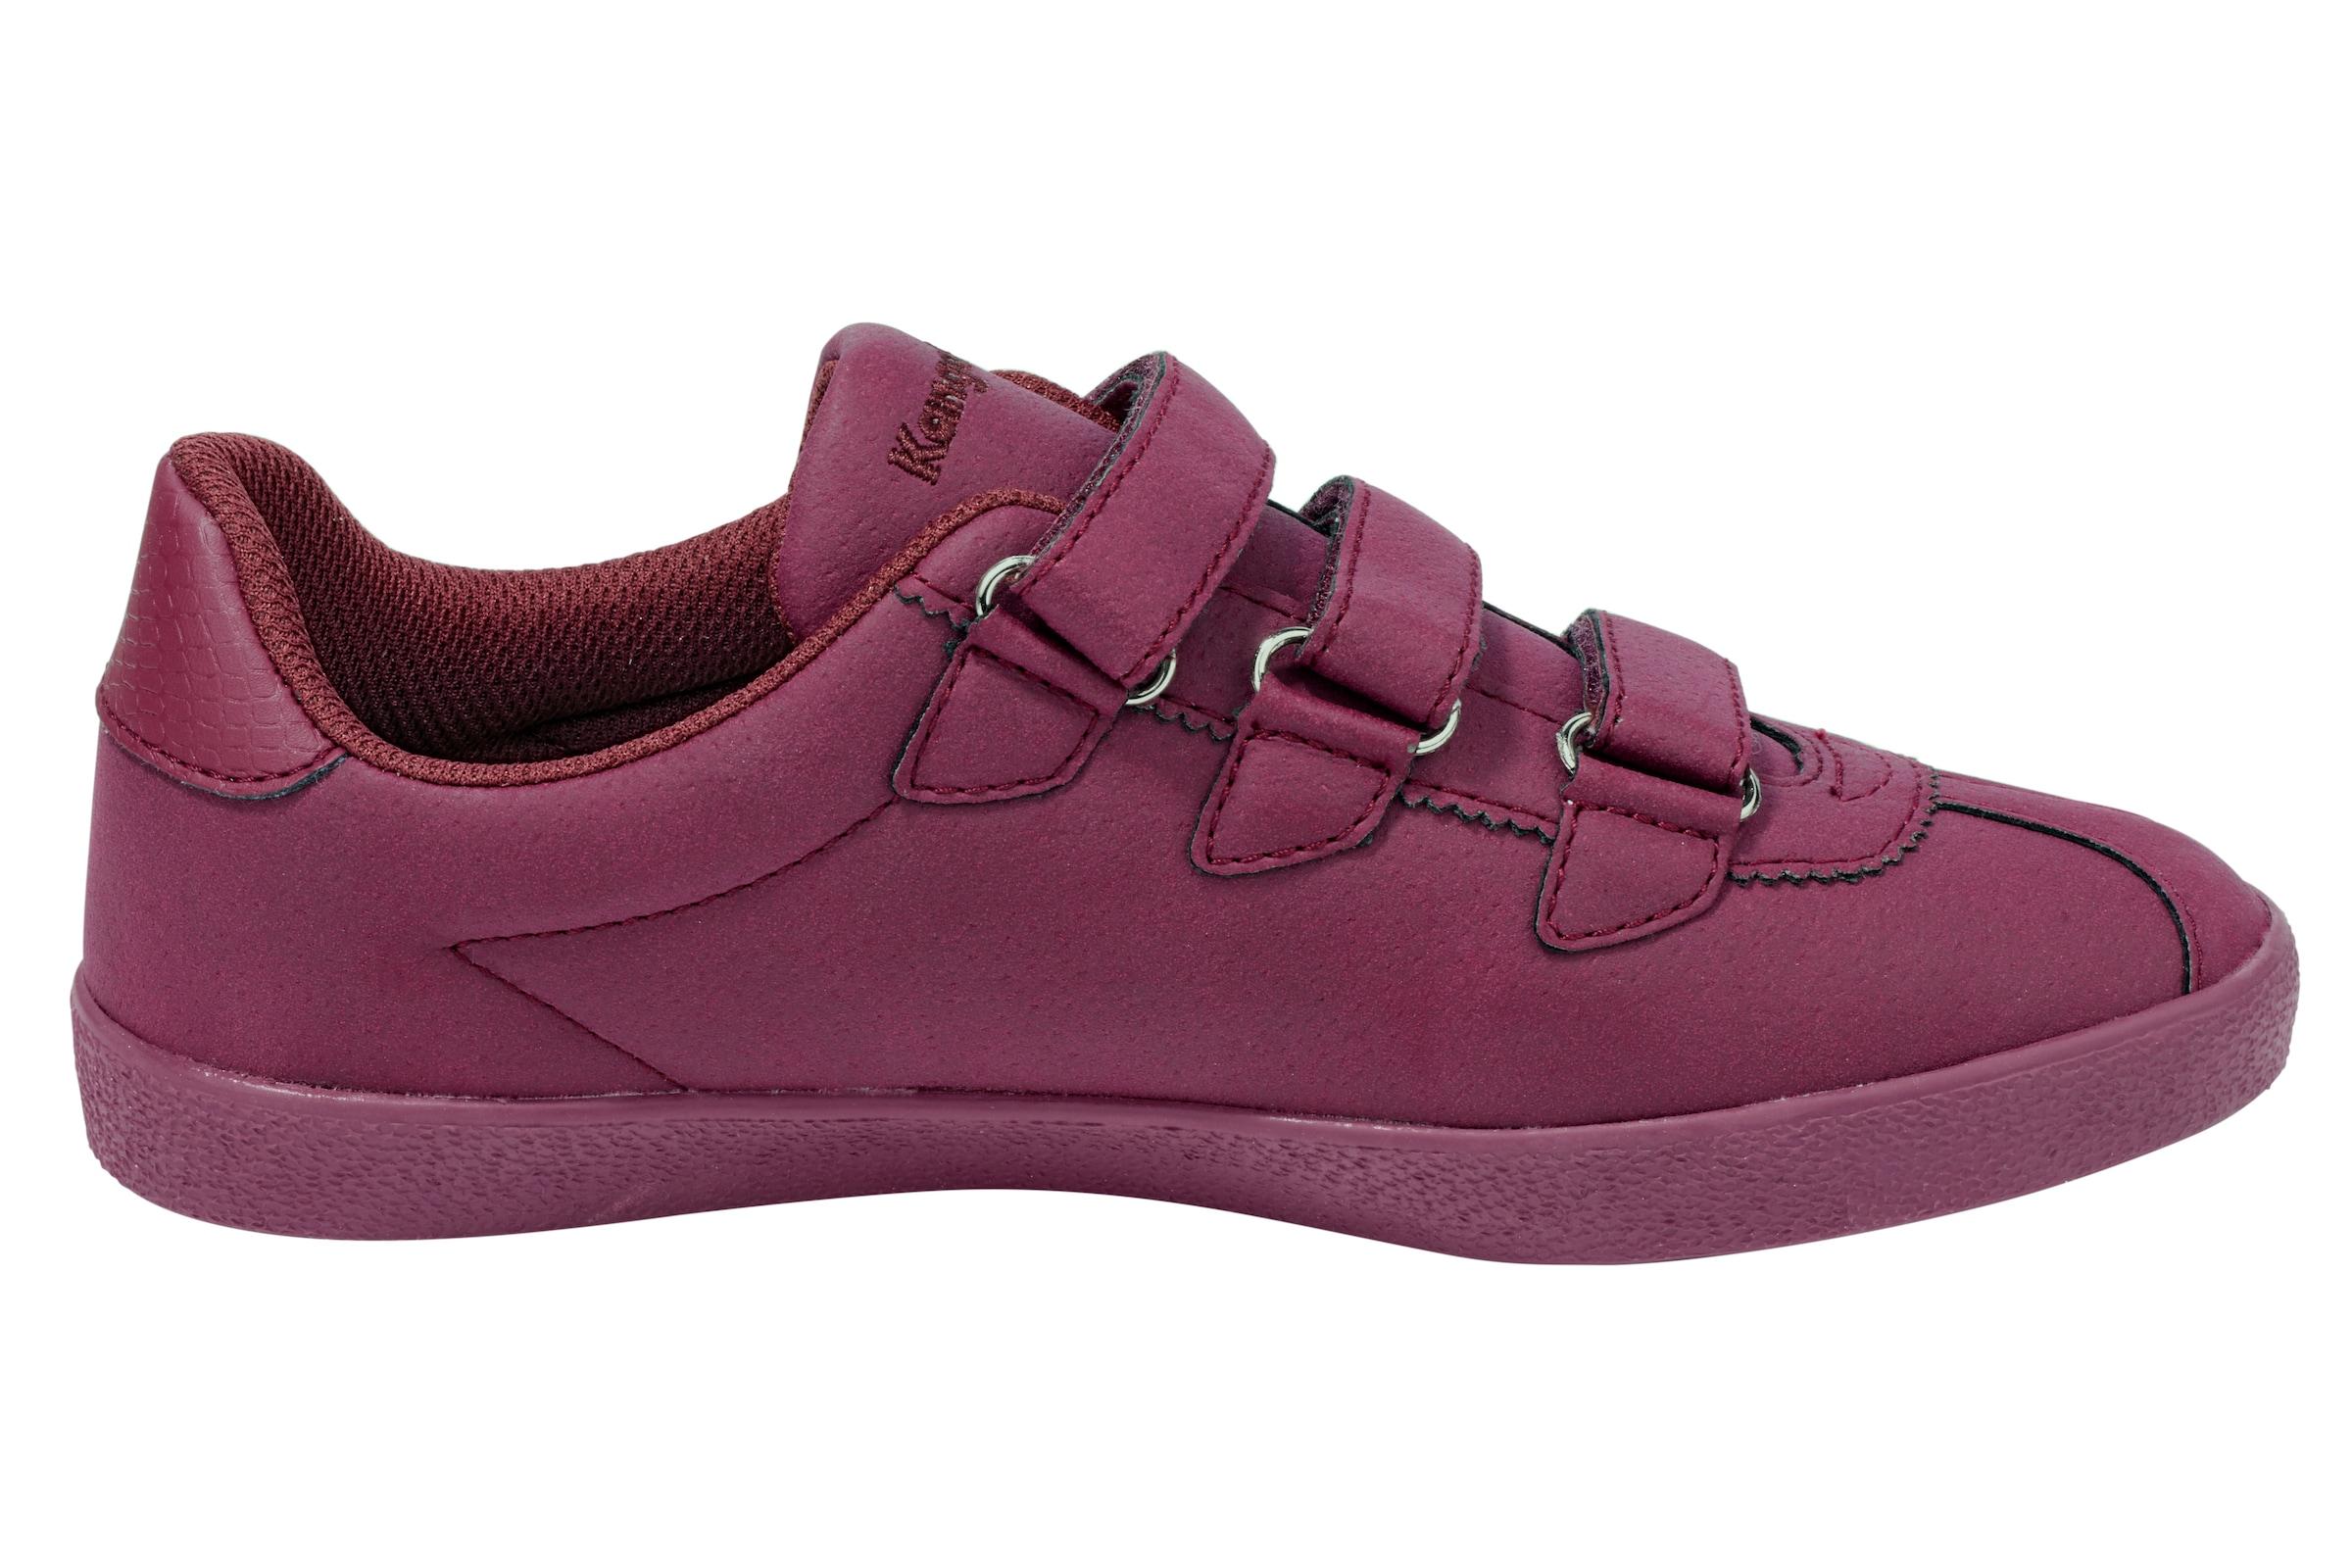 Wie Viel Günstigen Preis KangaROOS Sneaker Kostengünstig Verkauf Manchester Rabatt Geniue Händler PWqAn